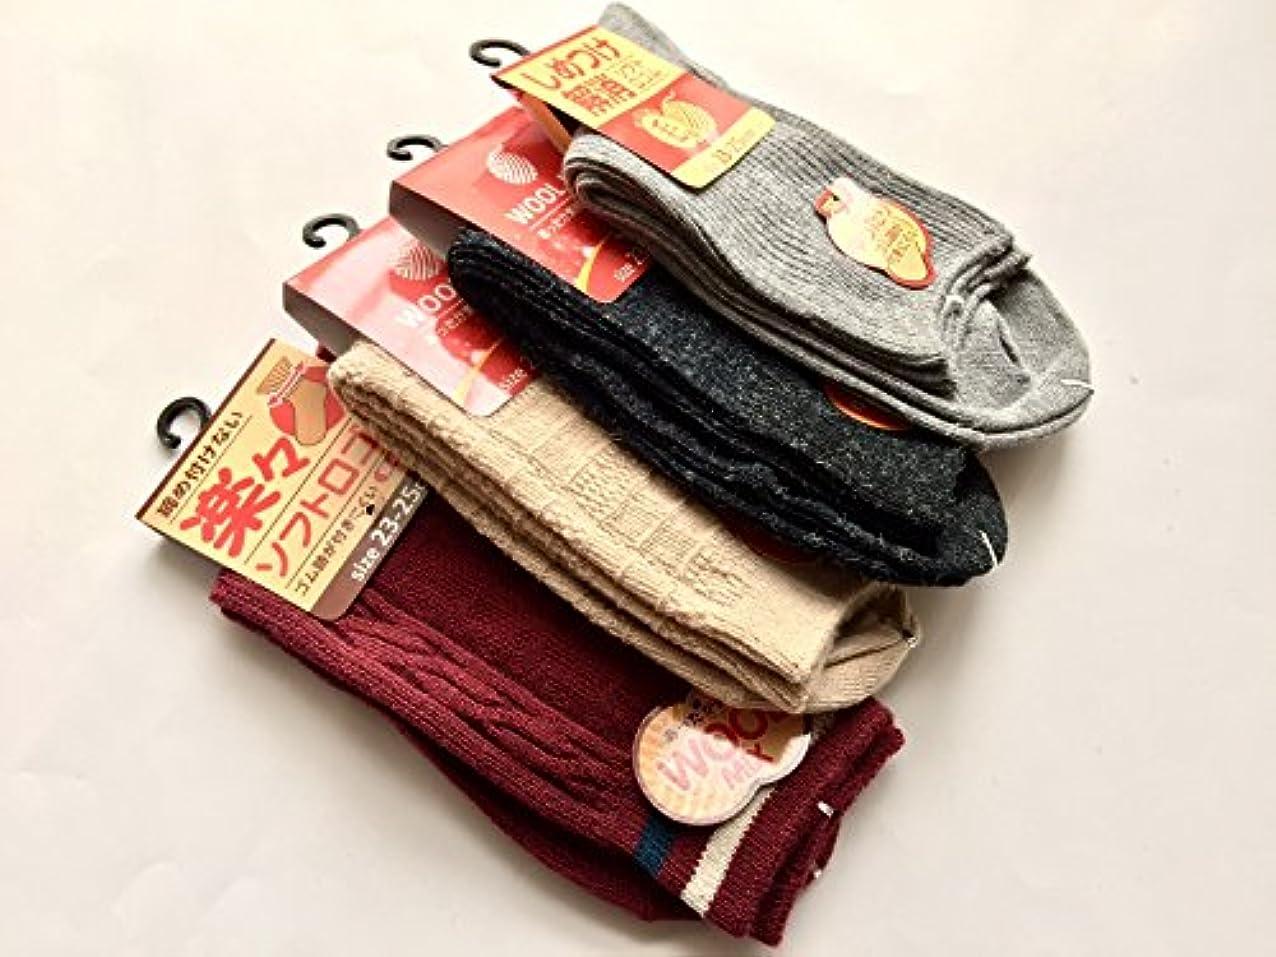 麻酔薬事業内容発明する靴下 レディース あったか 毛混 口ゴムゆったり 23-25cm お買得4足組(柄はお任せ)